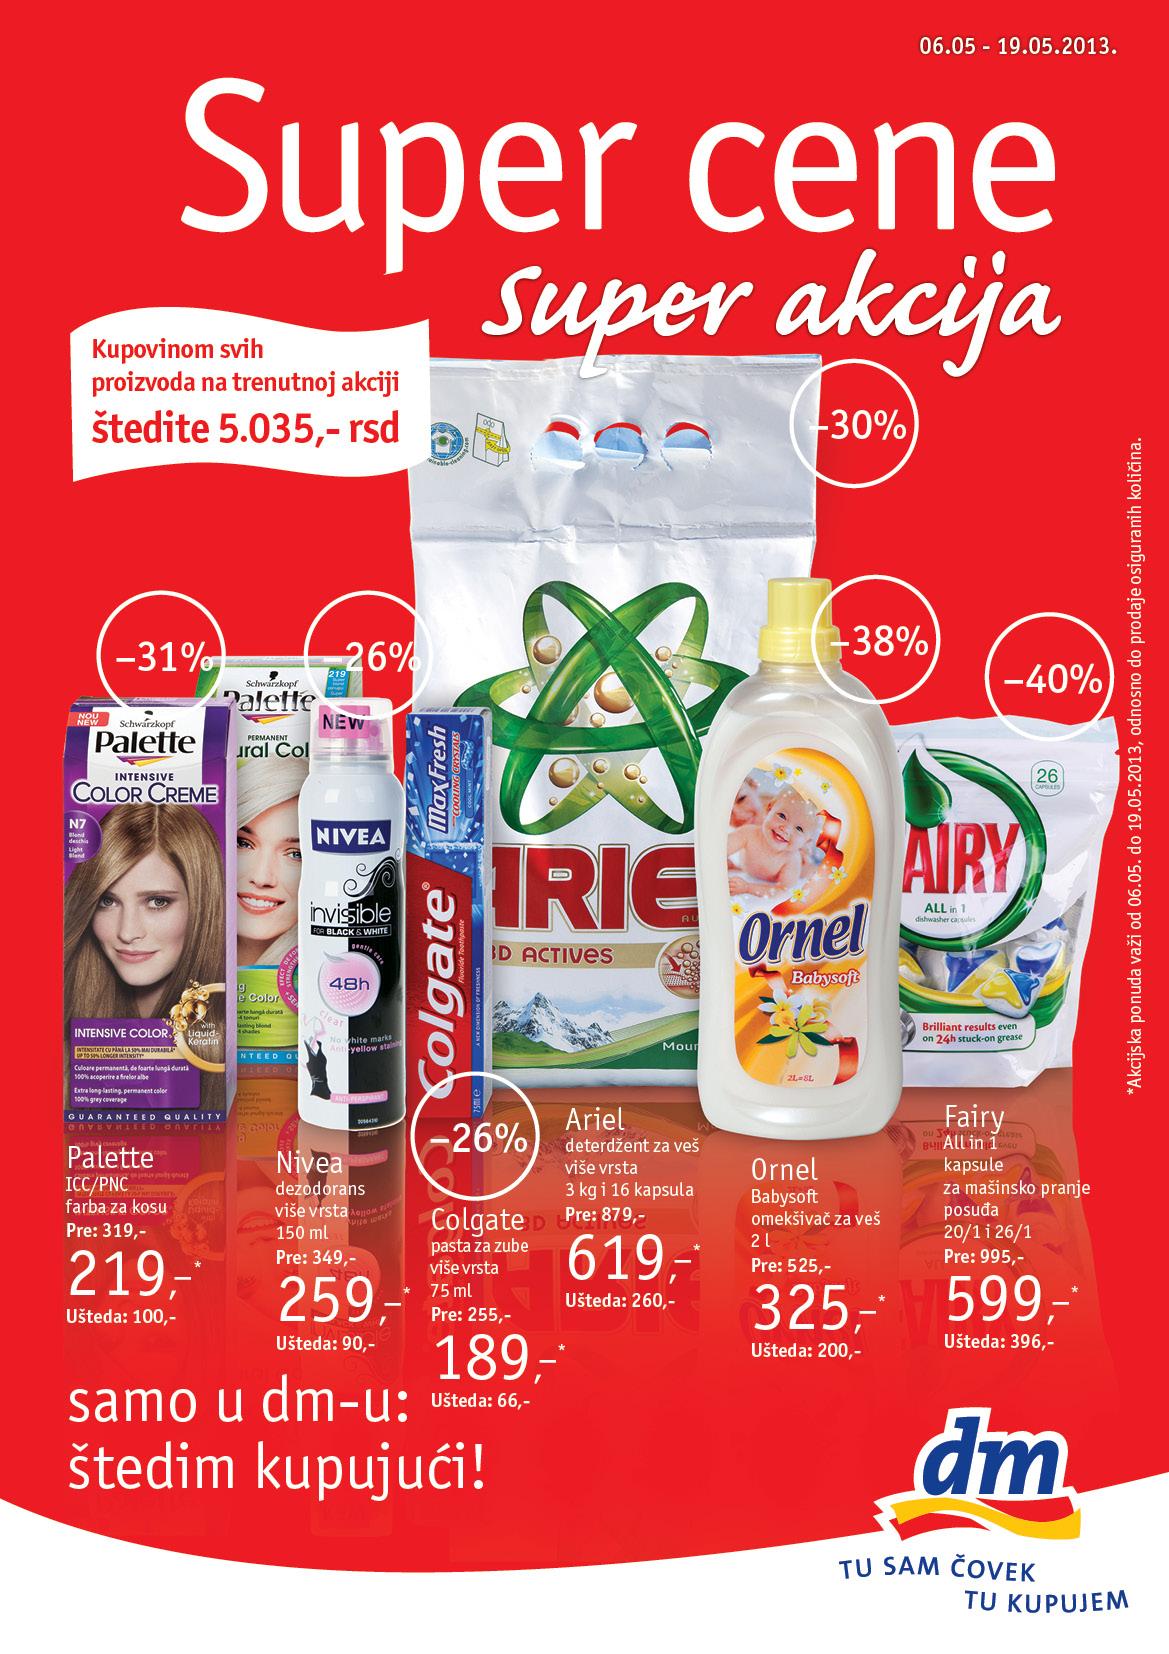 dm Katalog Super cene